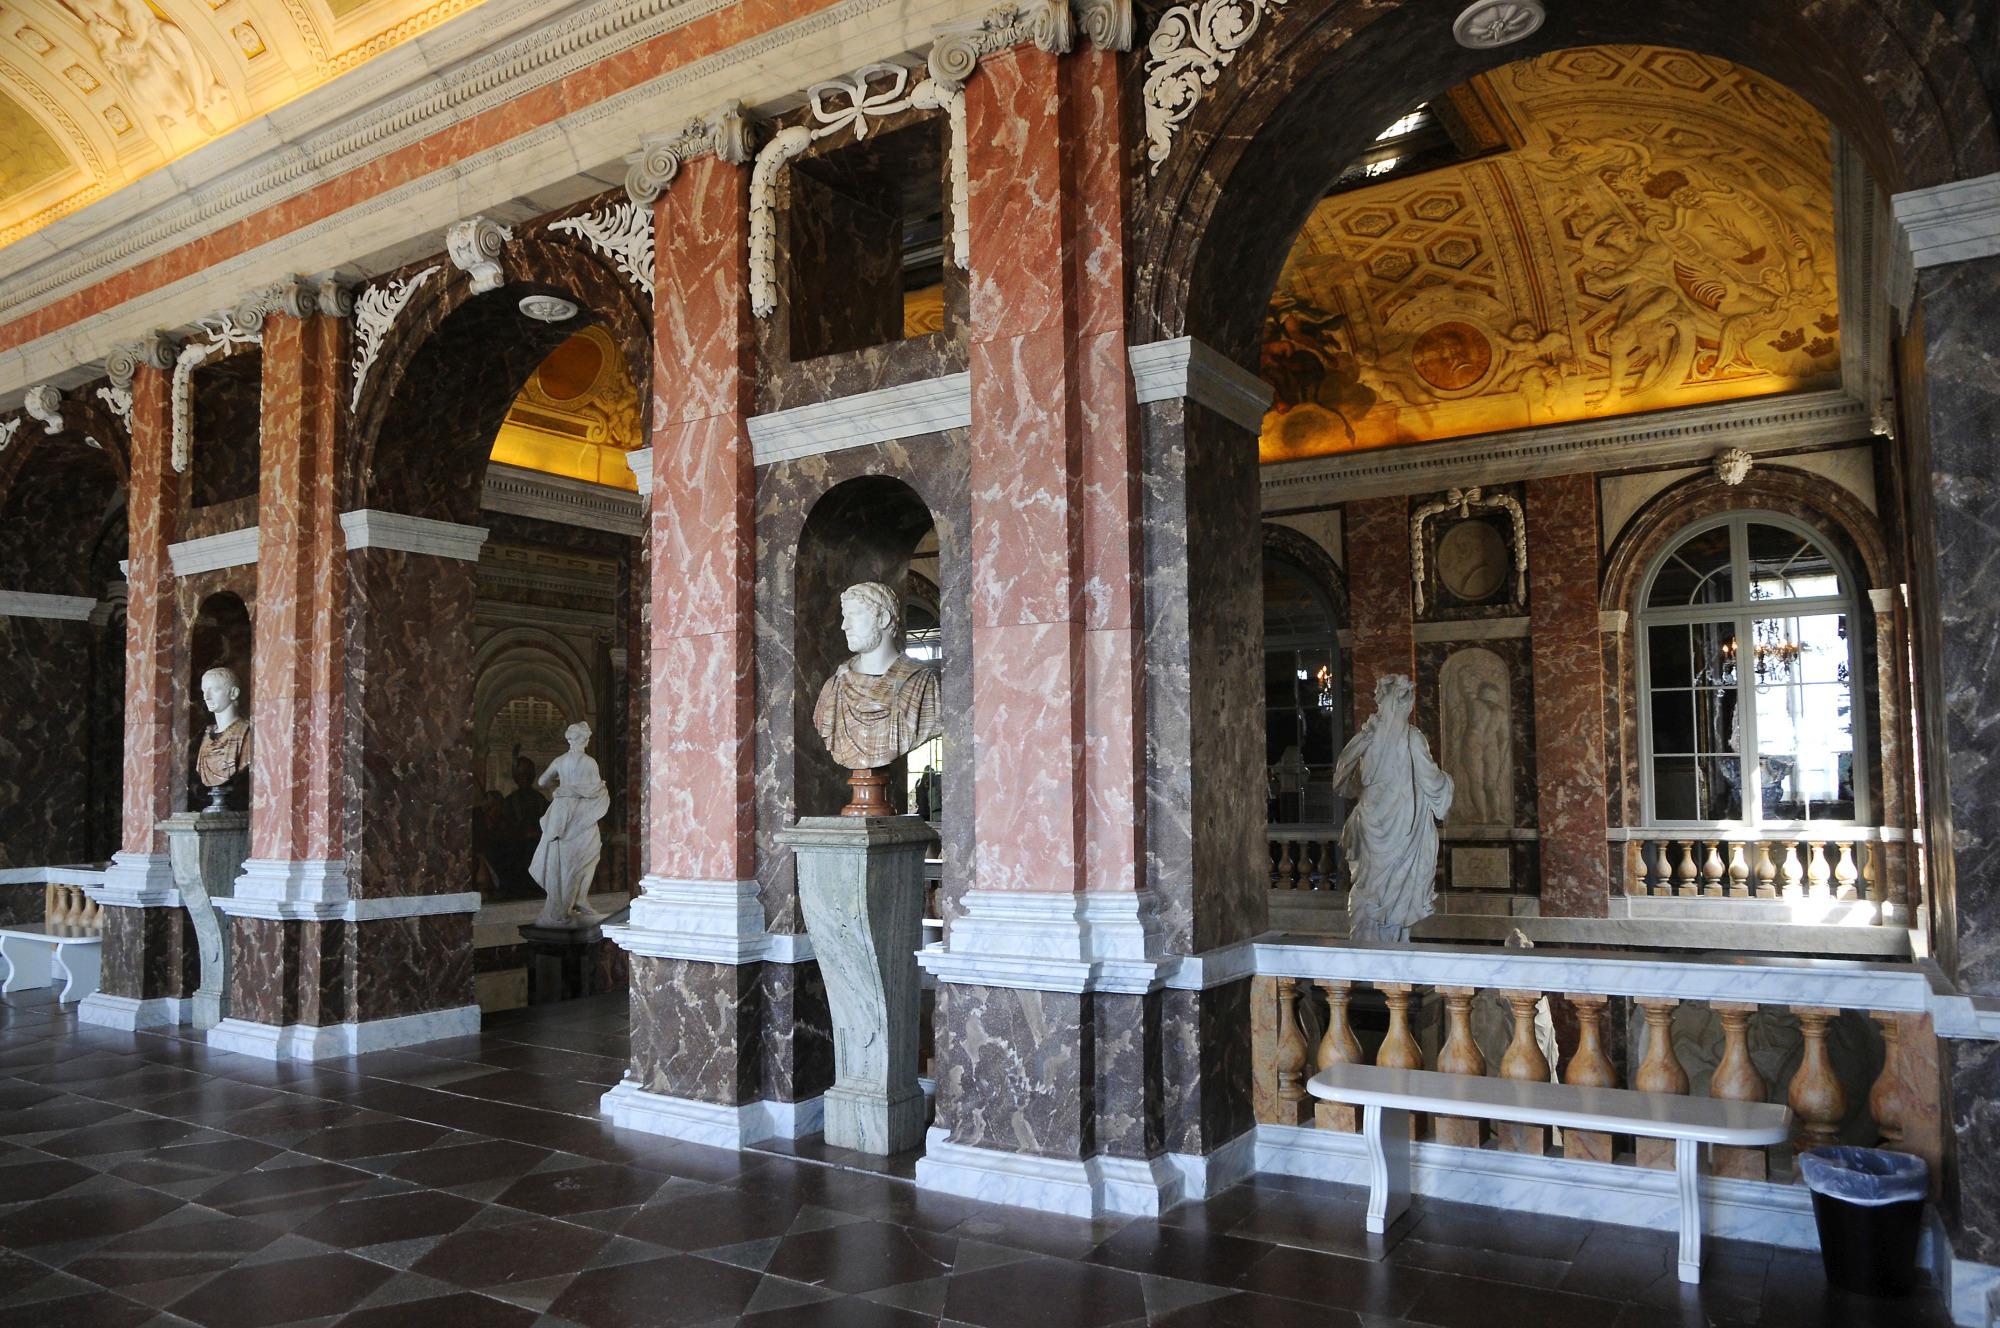 Drottningholm palace inside